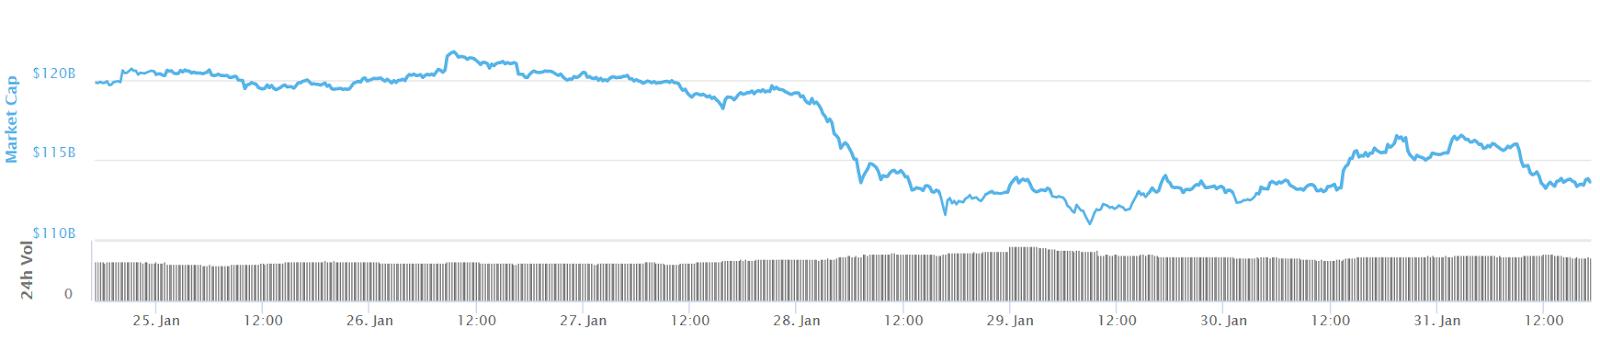 Gesamtmarktkapitalisierung 7-Tage-Chart. Quelle: Coinmarketcap